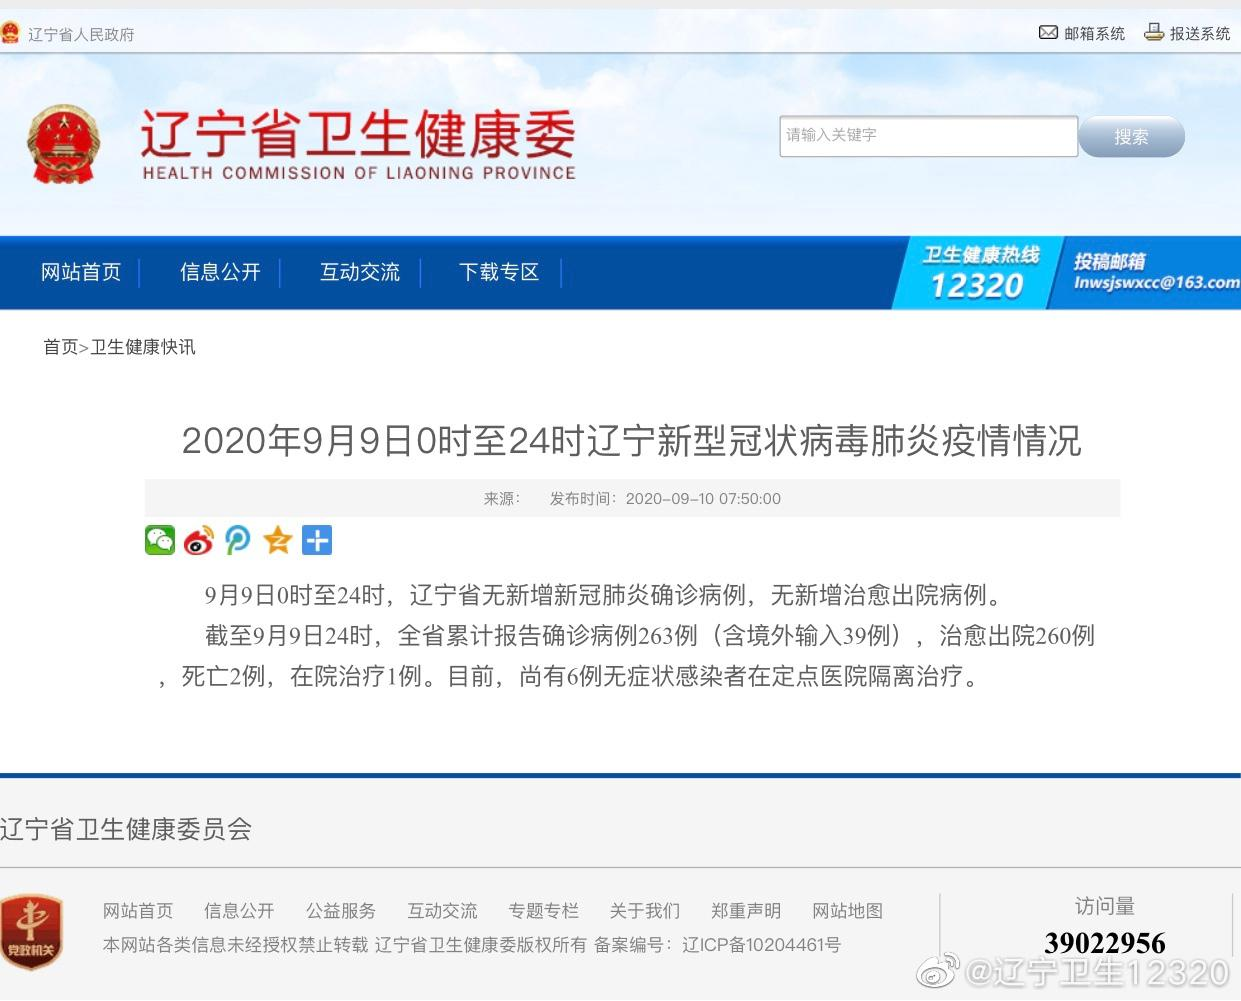 2020-10-240时至24时辽宁新型冠状病毒肺炎疫情情况